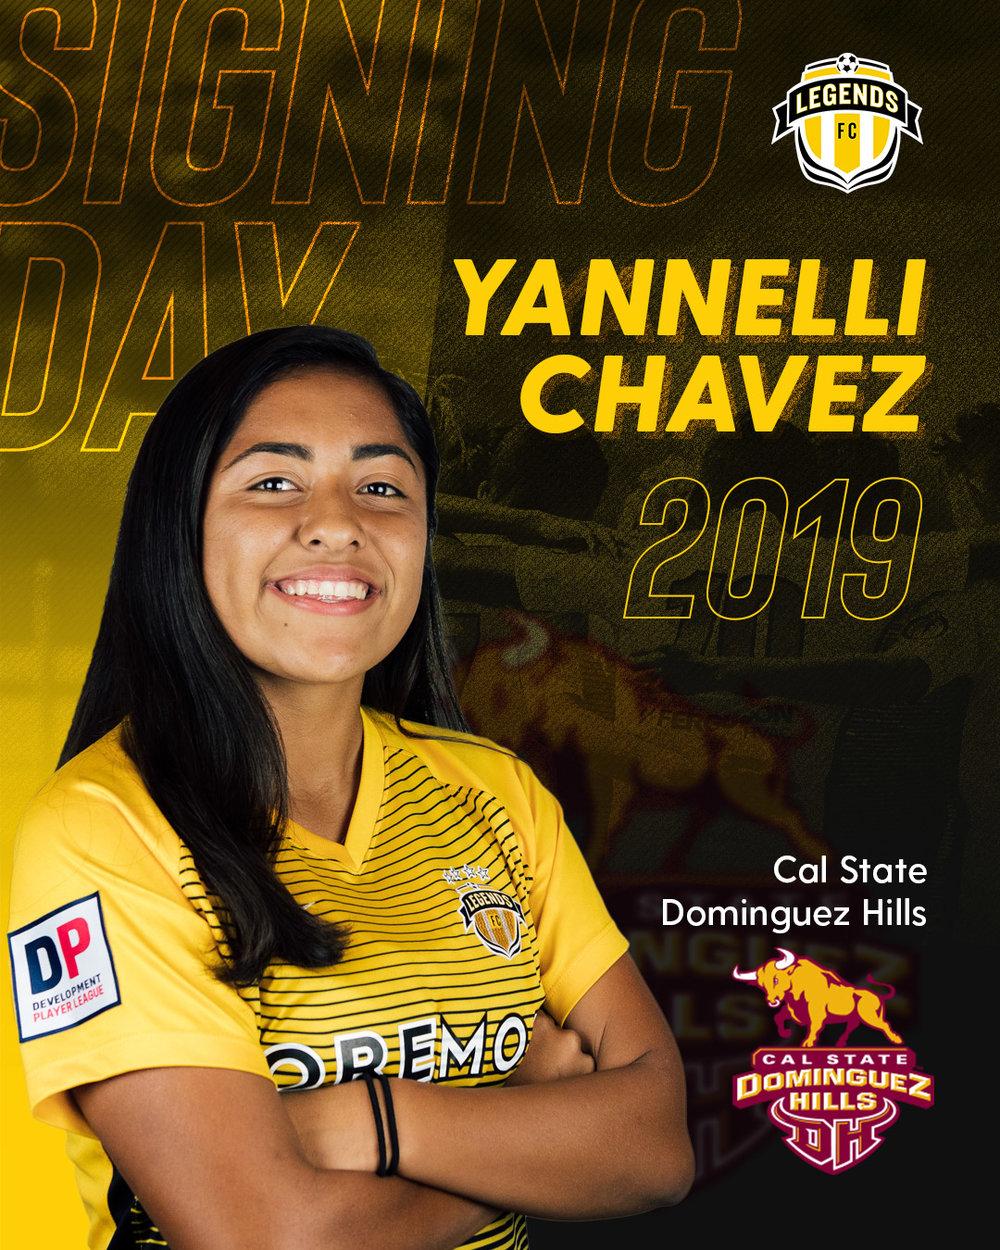 yanneli-chavez.jpg